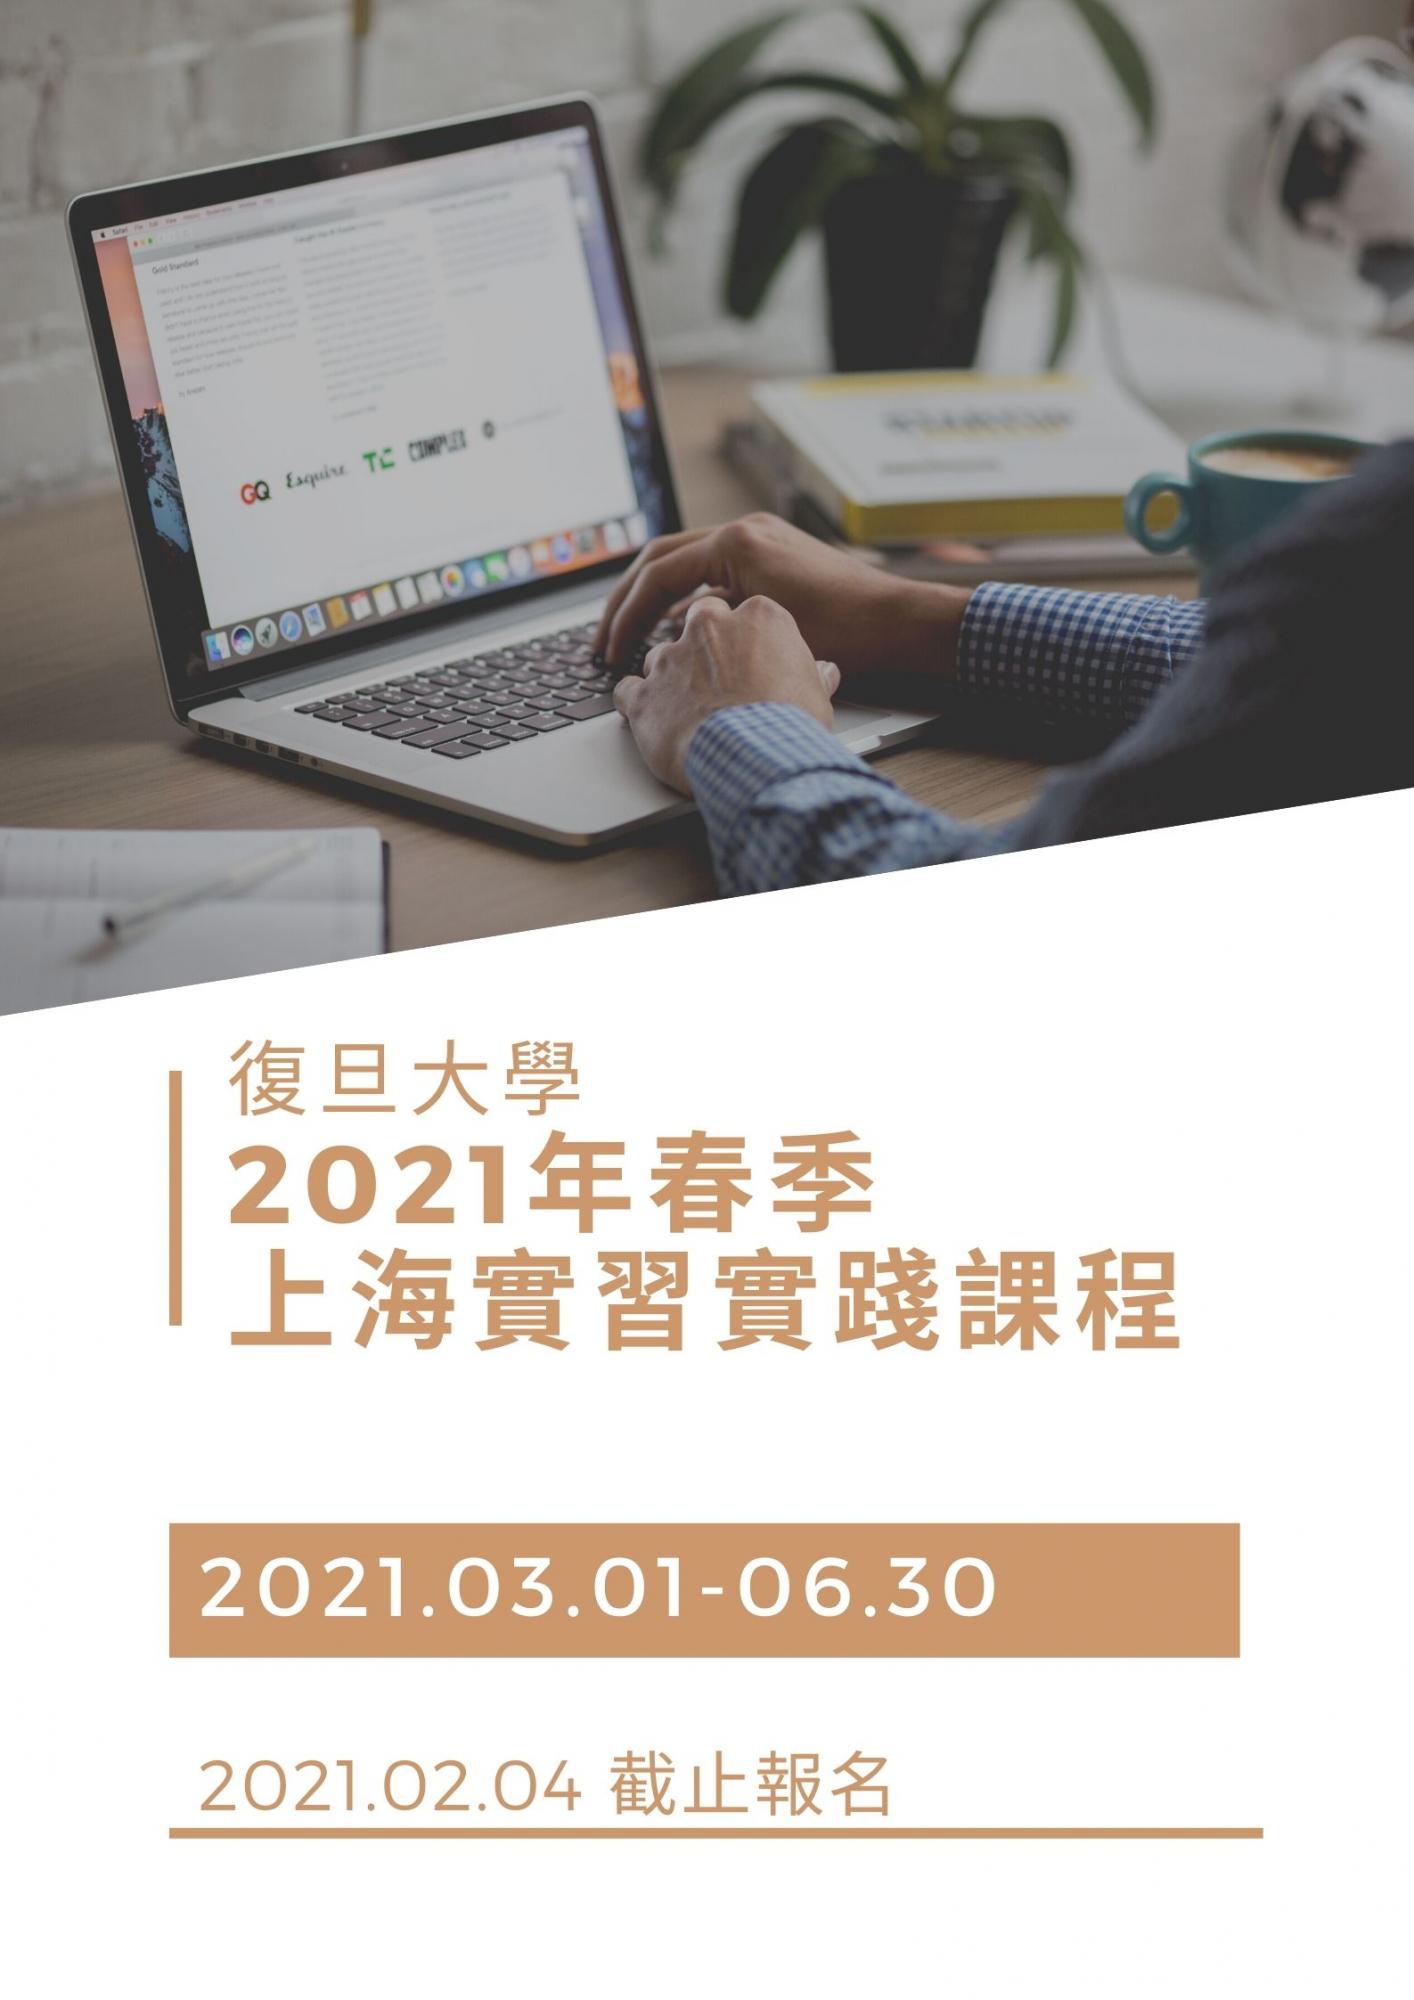 復旦大學2021年春季上海實習實踐課程